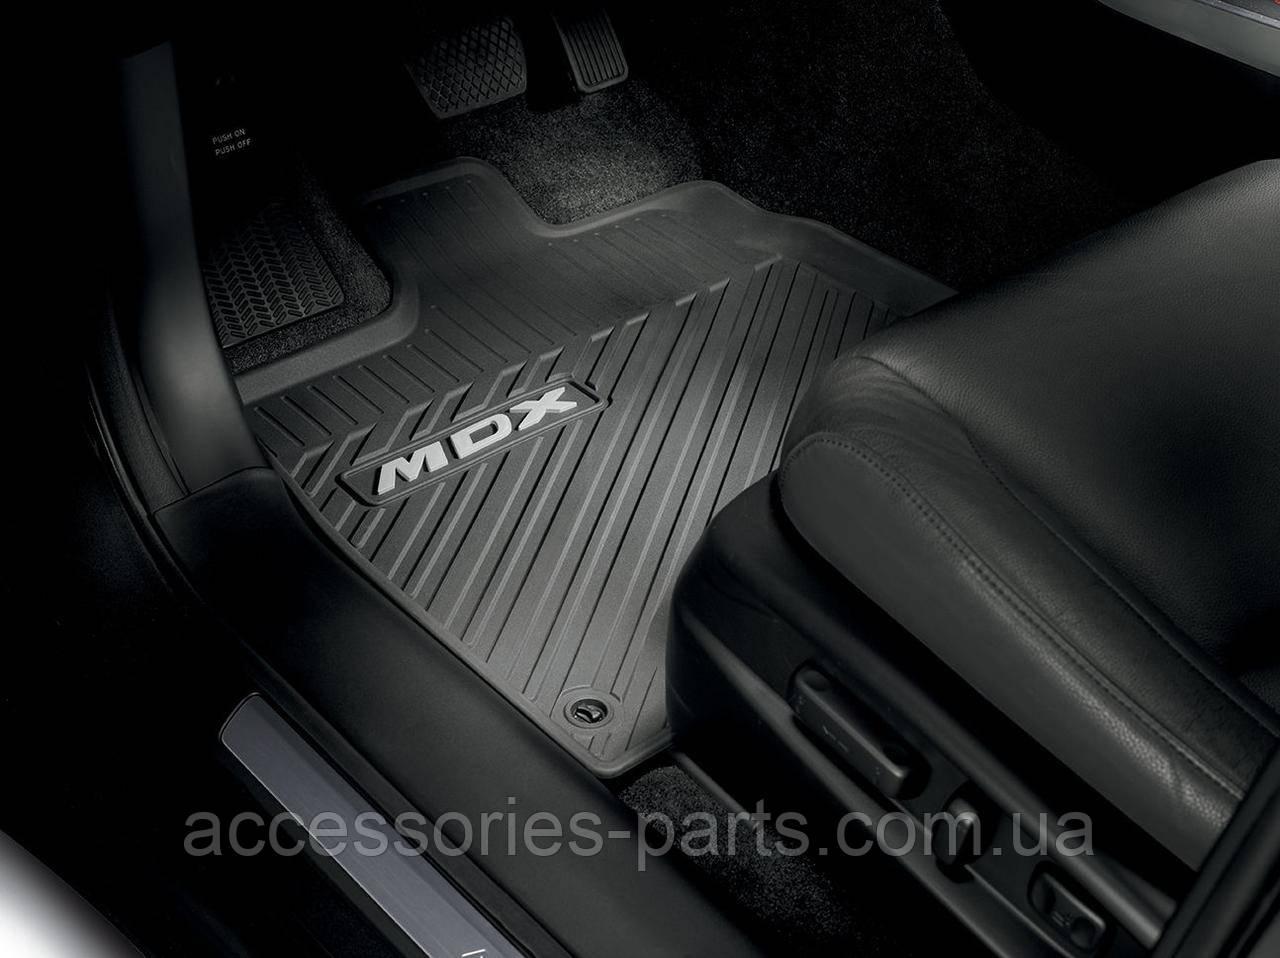 Коврики в салон Acura MDX 2014-2015 Новый Оригинальный